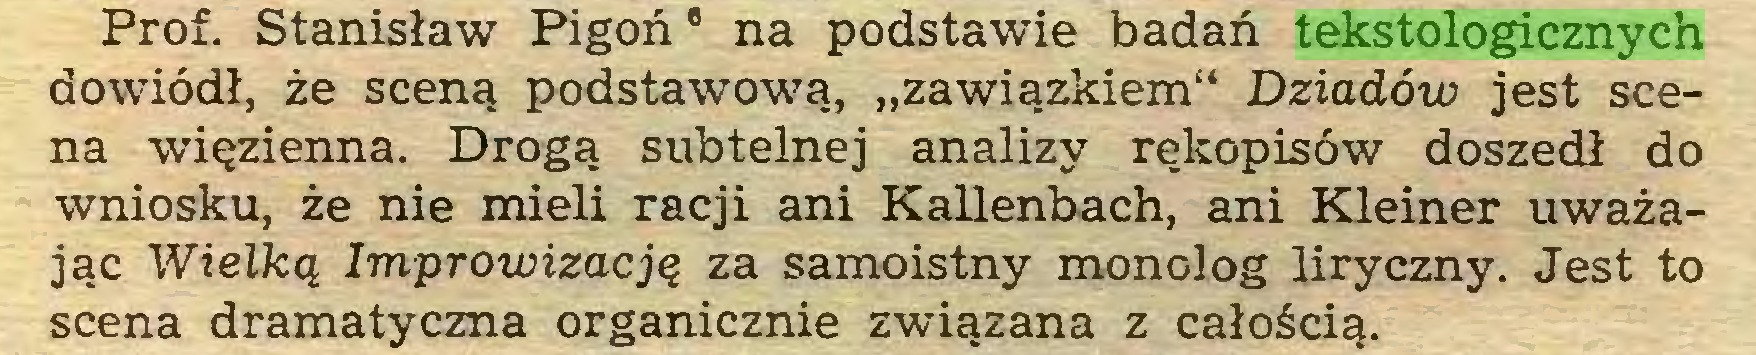 """(...) Prof. Stanisław Pigoń8 na podstawie badań tekstologicznych dowiódł, że sceną podstawową, """"zawiązkiem"""" Dziadów jest scena więzienna. Drogą subtelnej analizy rękopisów doszedł do wniosku, że nie mieli racji ani Kallenbach, ani Kleiner uważając Wielką Improwizacją za samoistny monolog liryczny. Jest to scena dramatyczna organicznie związana z całością..."""